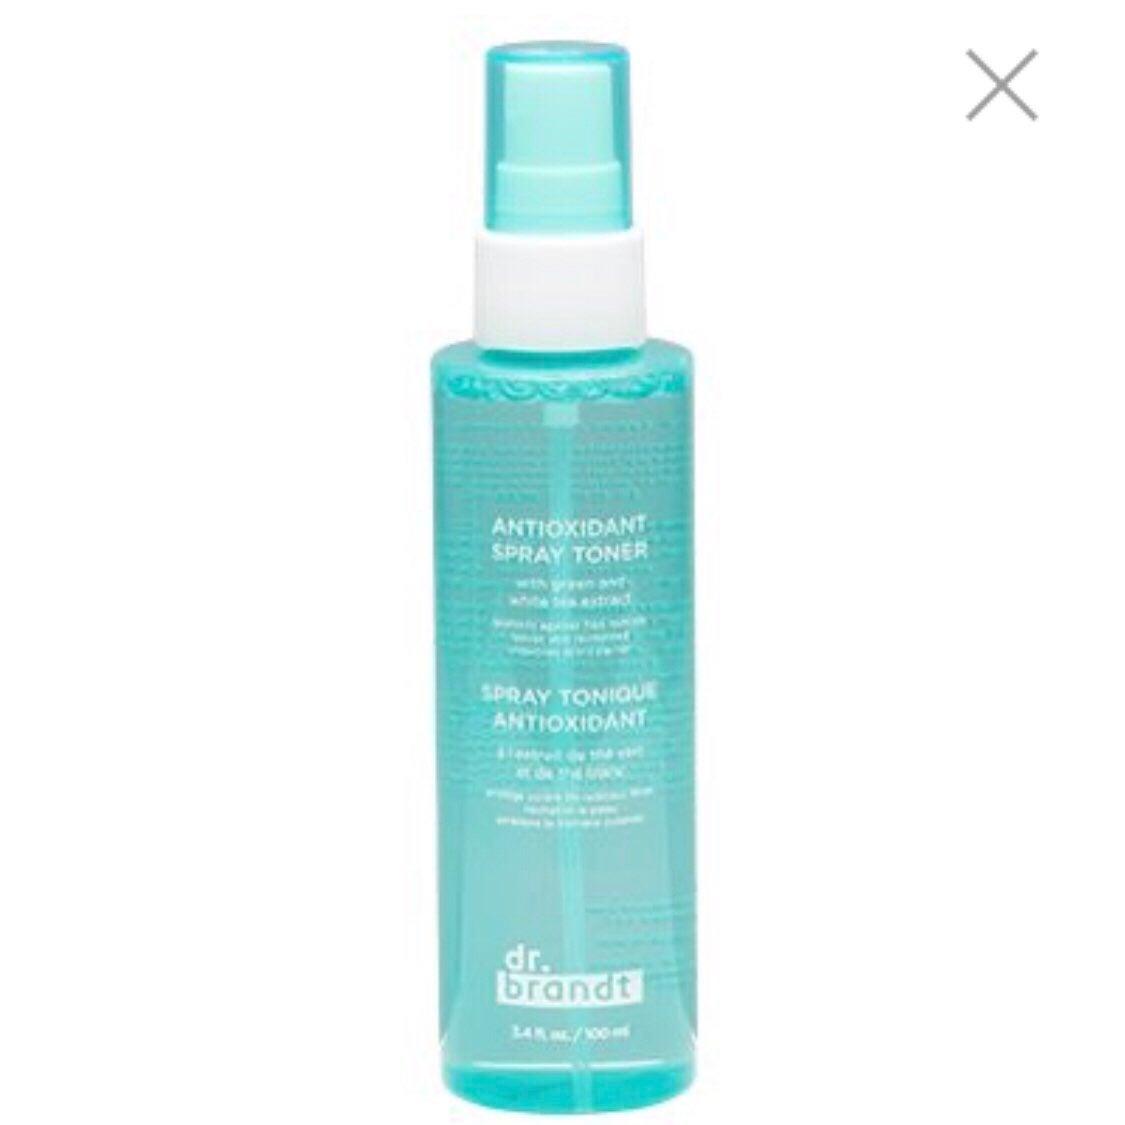 Dr Brandt Antioxidant Spray Toner